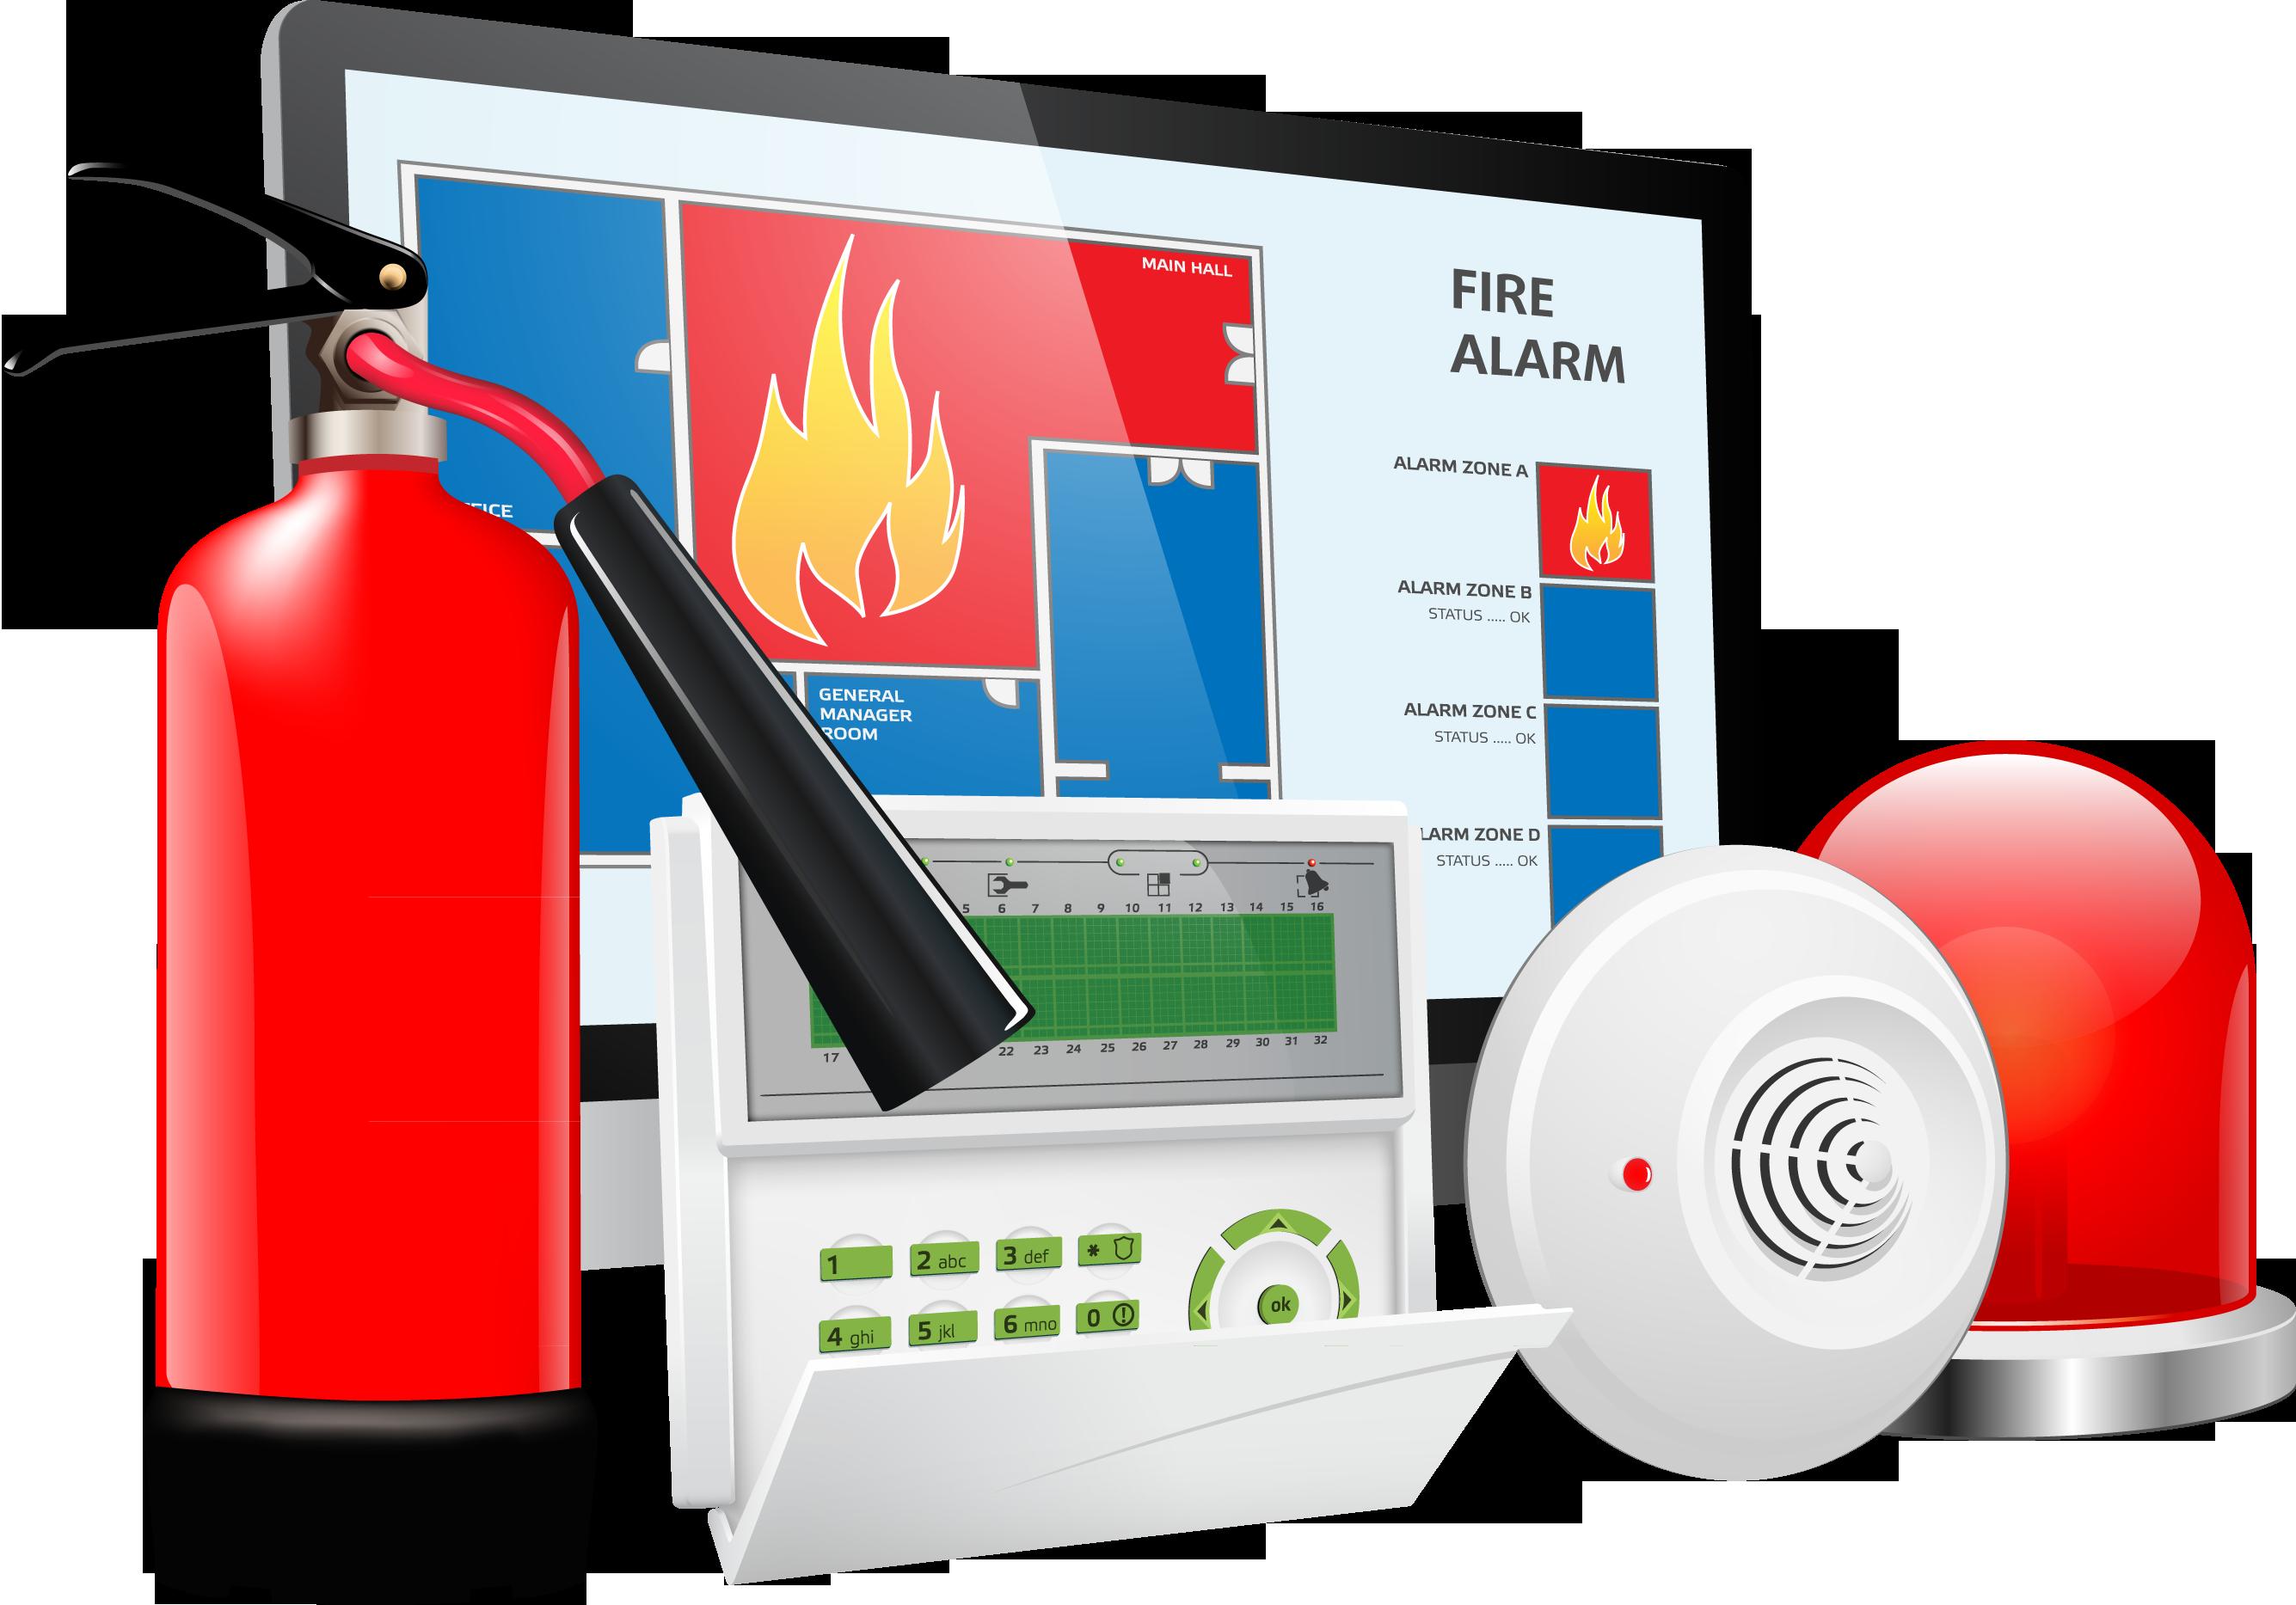 стоимость технического обслуживания систем пожарной сигнализации